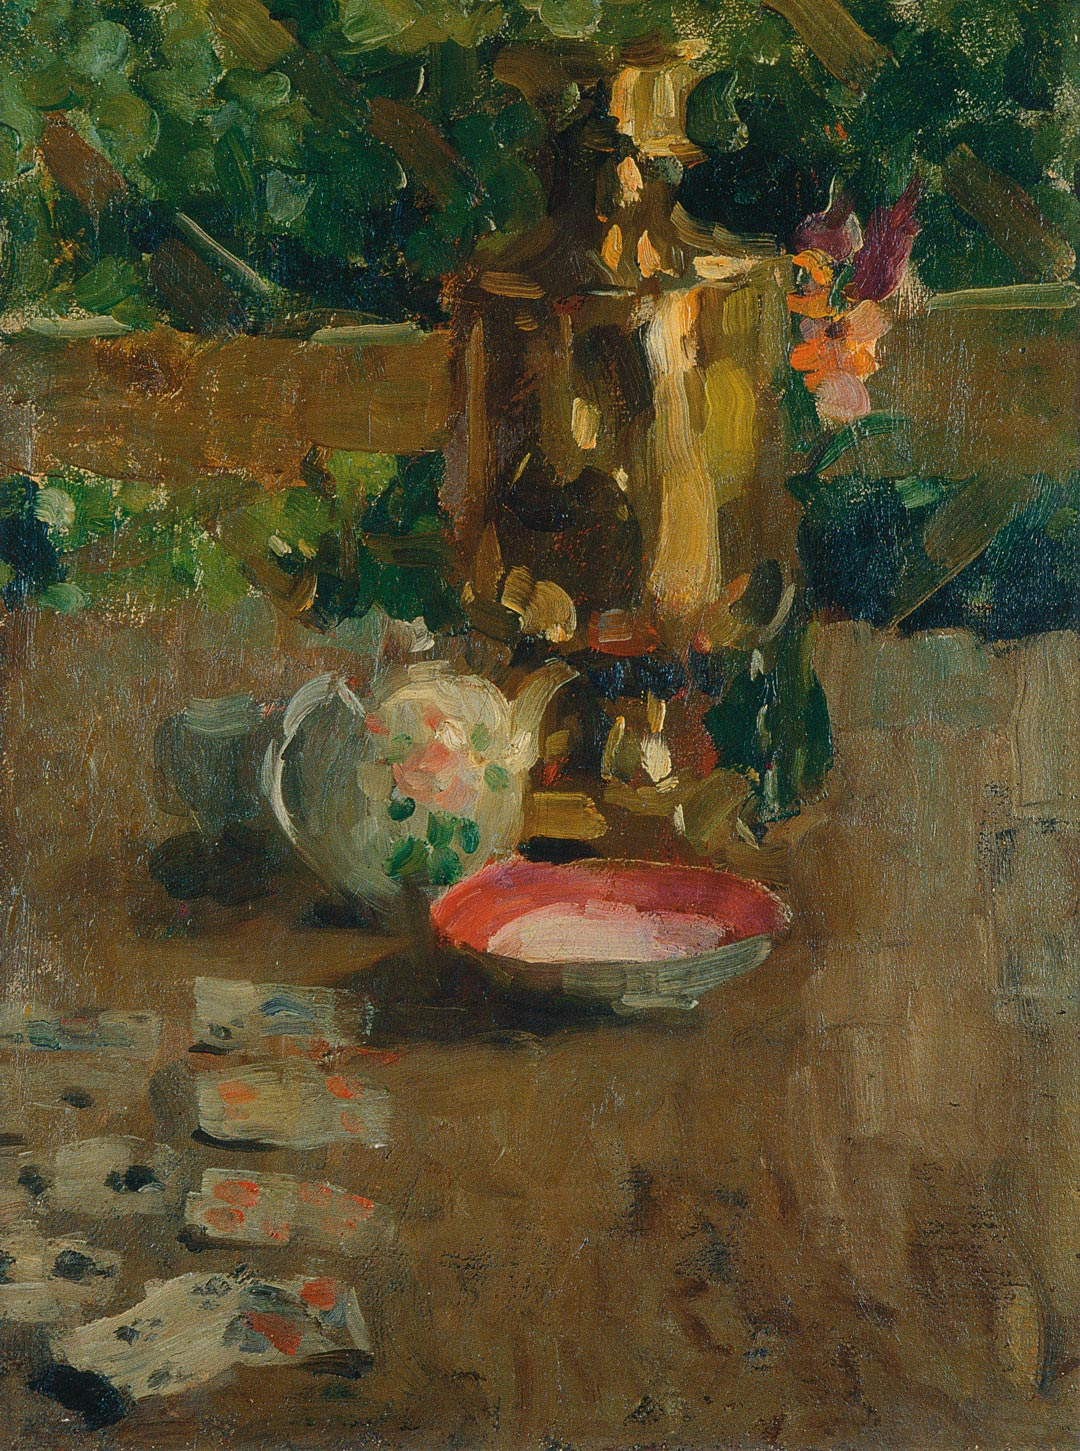 Alexej von Jawlensky, Stillleben mit Samowar, 1901, Museum Wiesbaden. Dank der Museumsgala 2018 kann das Gemälde erworben werden. (Foto: Museum Wiesbaden)